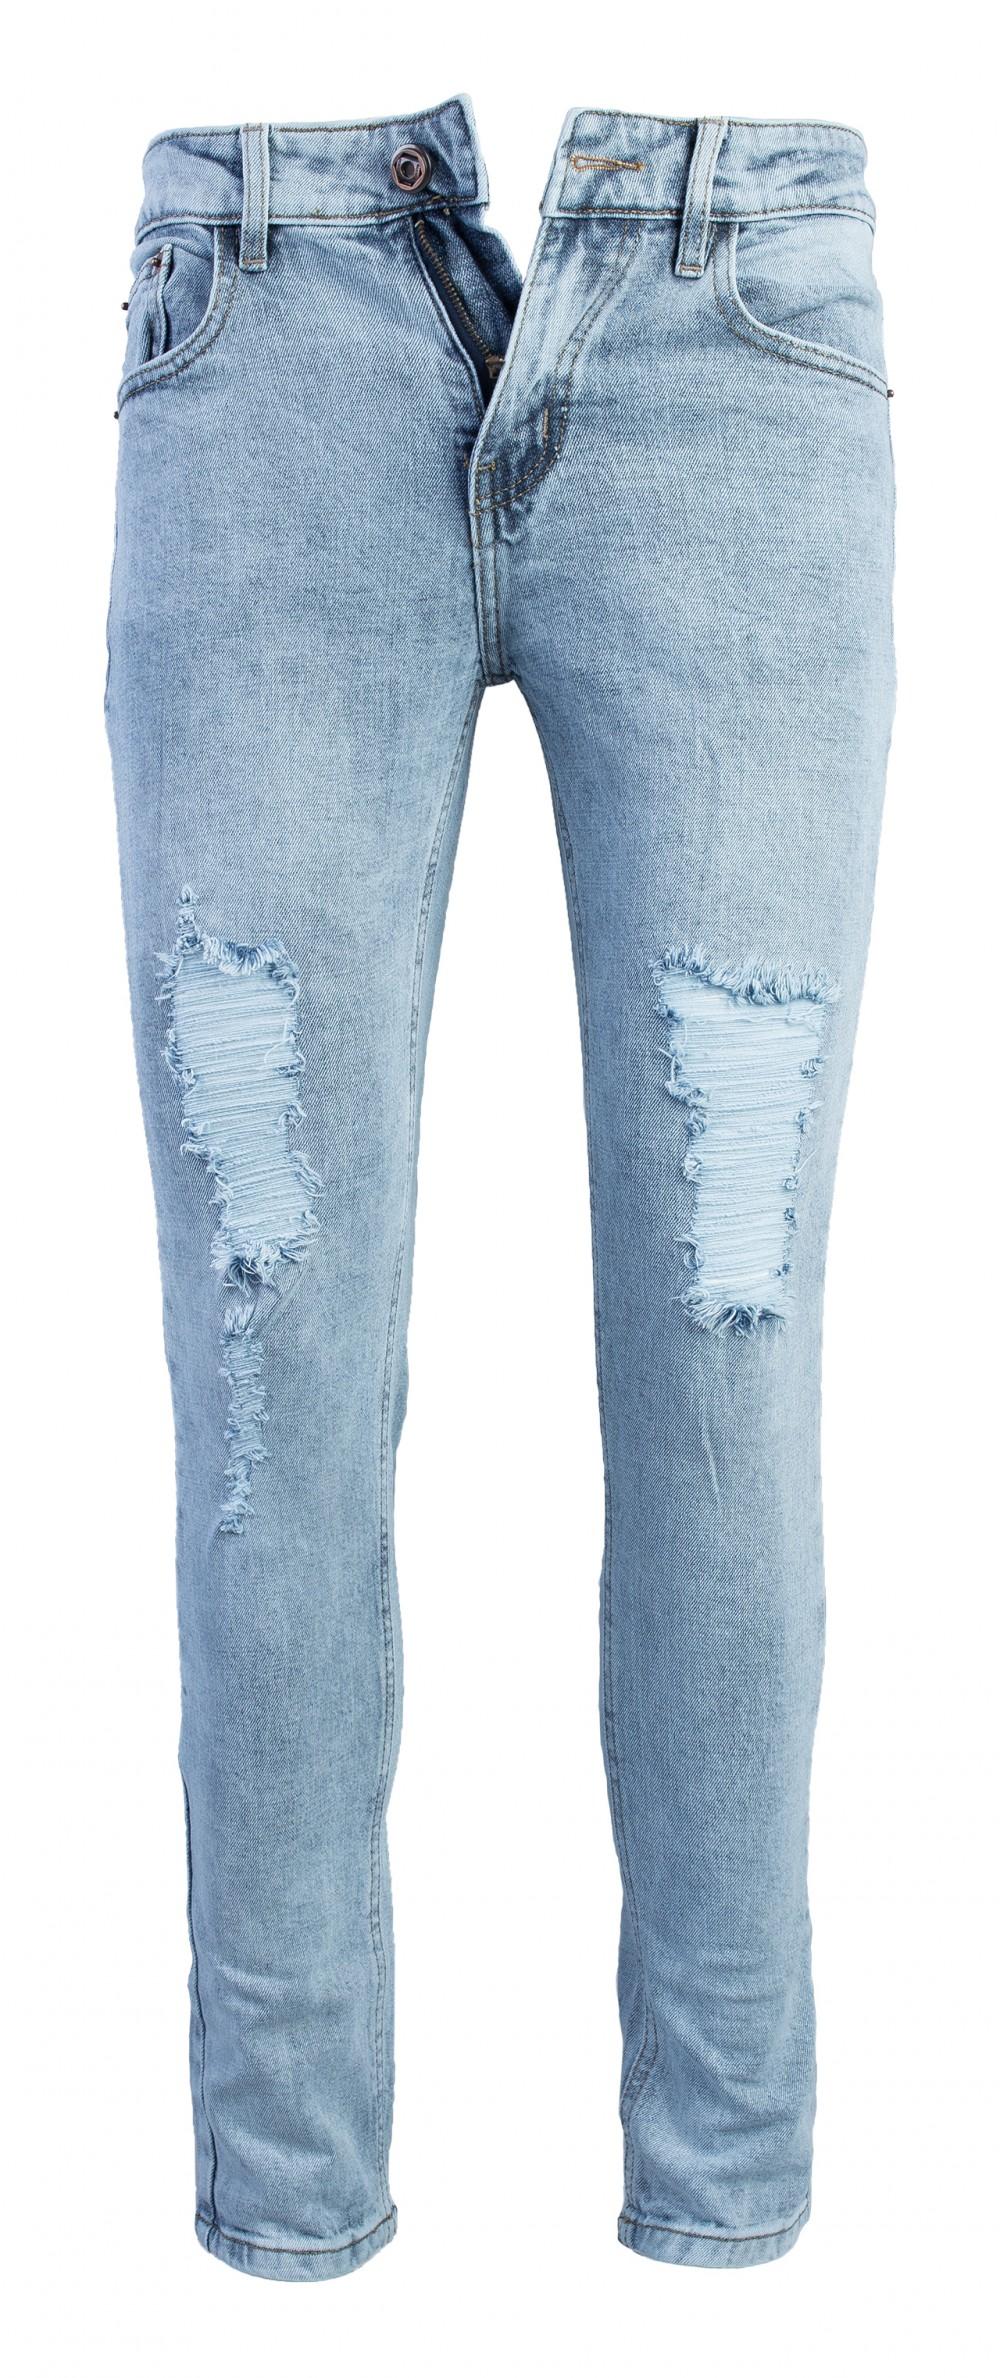 Quần jeans rách xanh qj1562 - 1